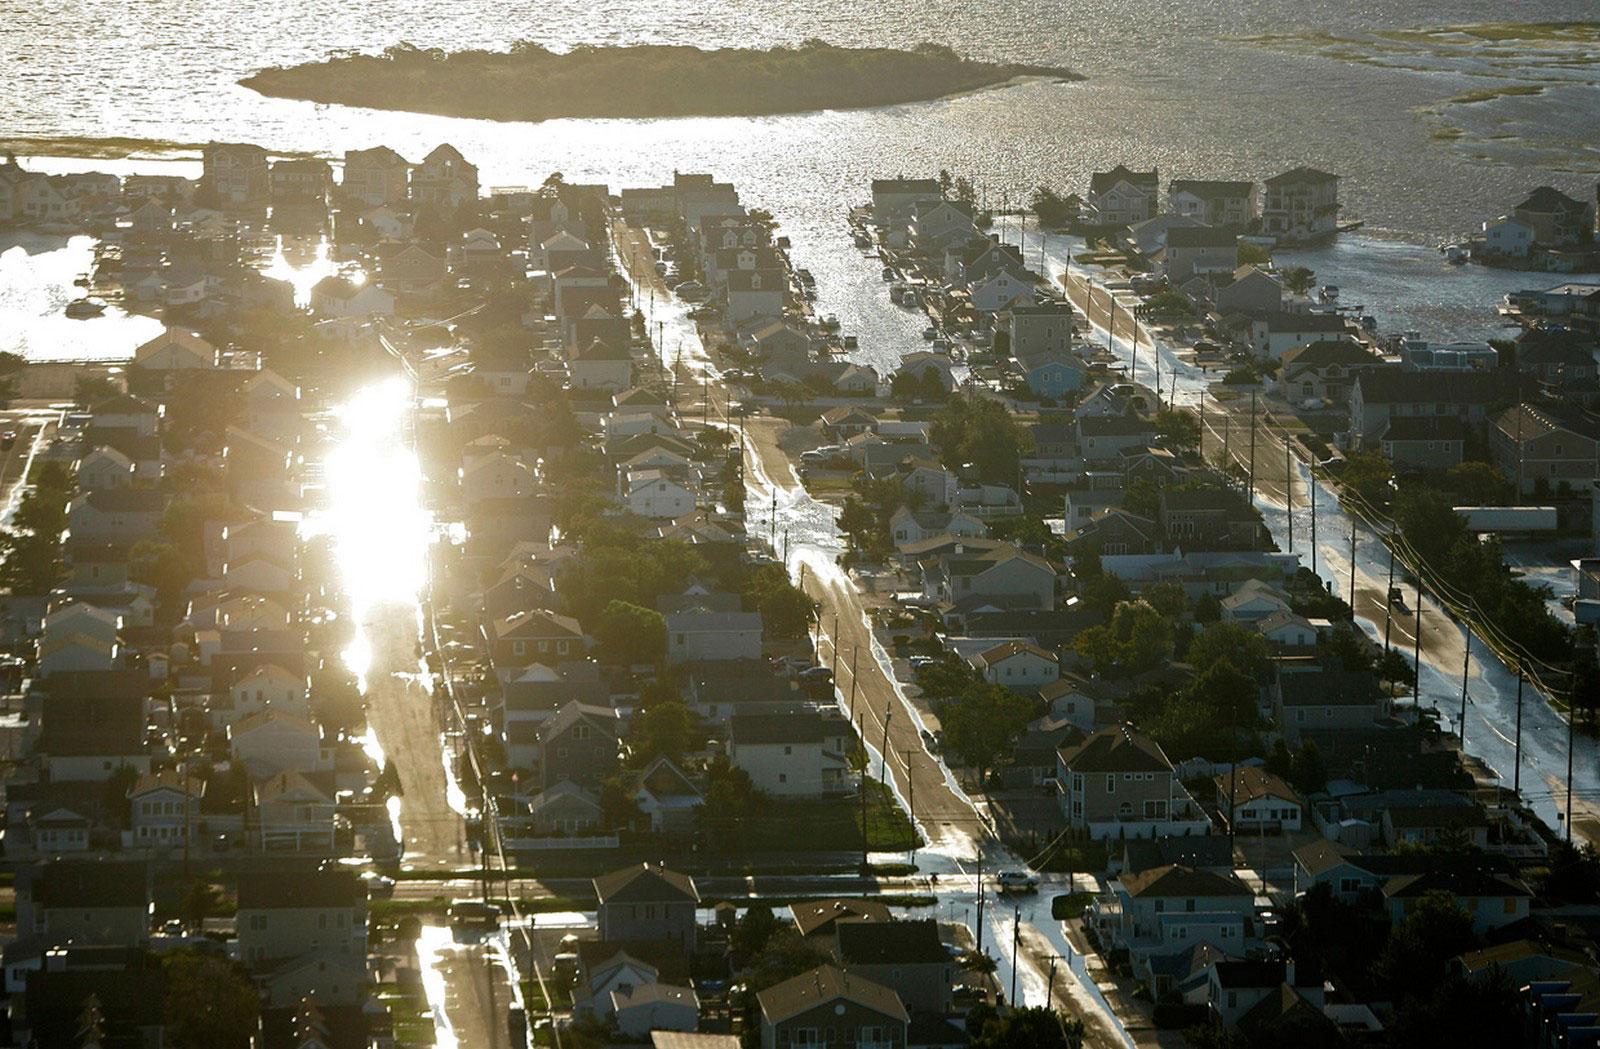 Полузатопленные улицы Лонг-Бич Айленд